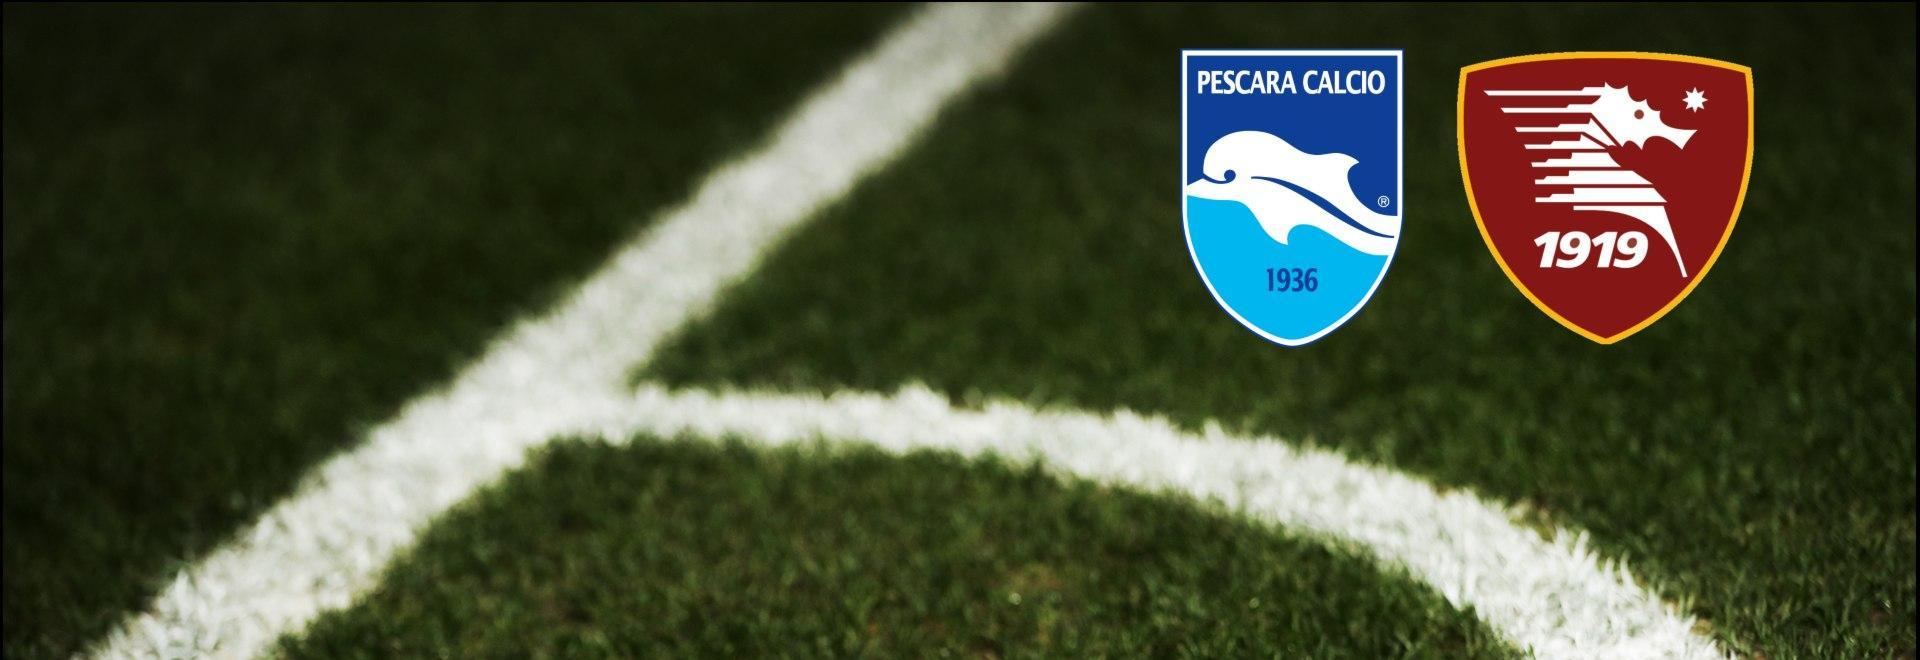 Pescara - Salernitana. 38a g.